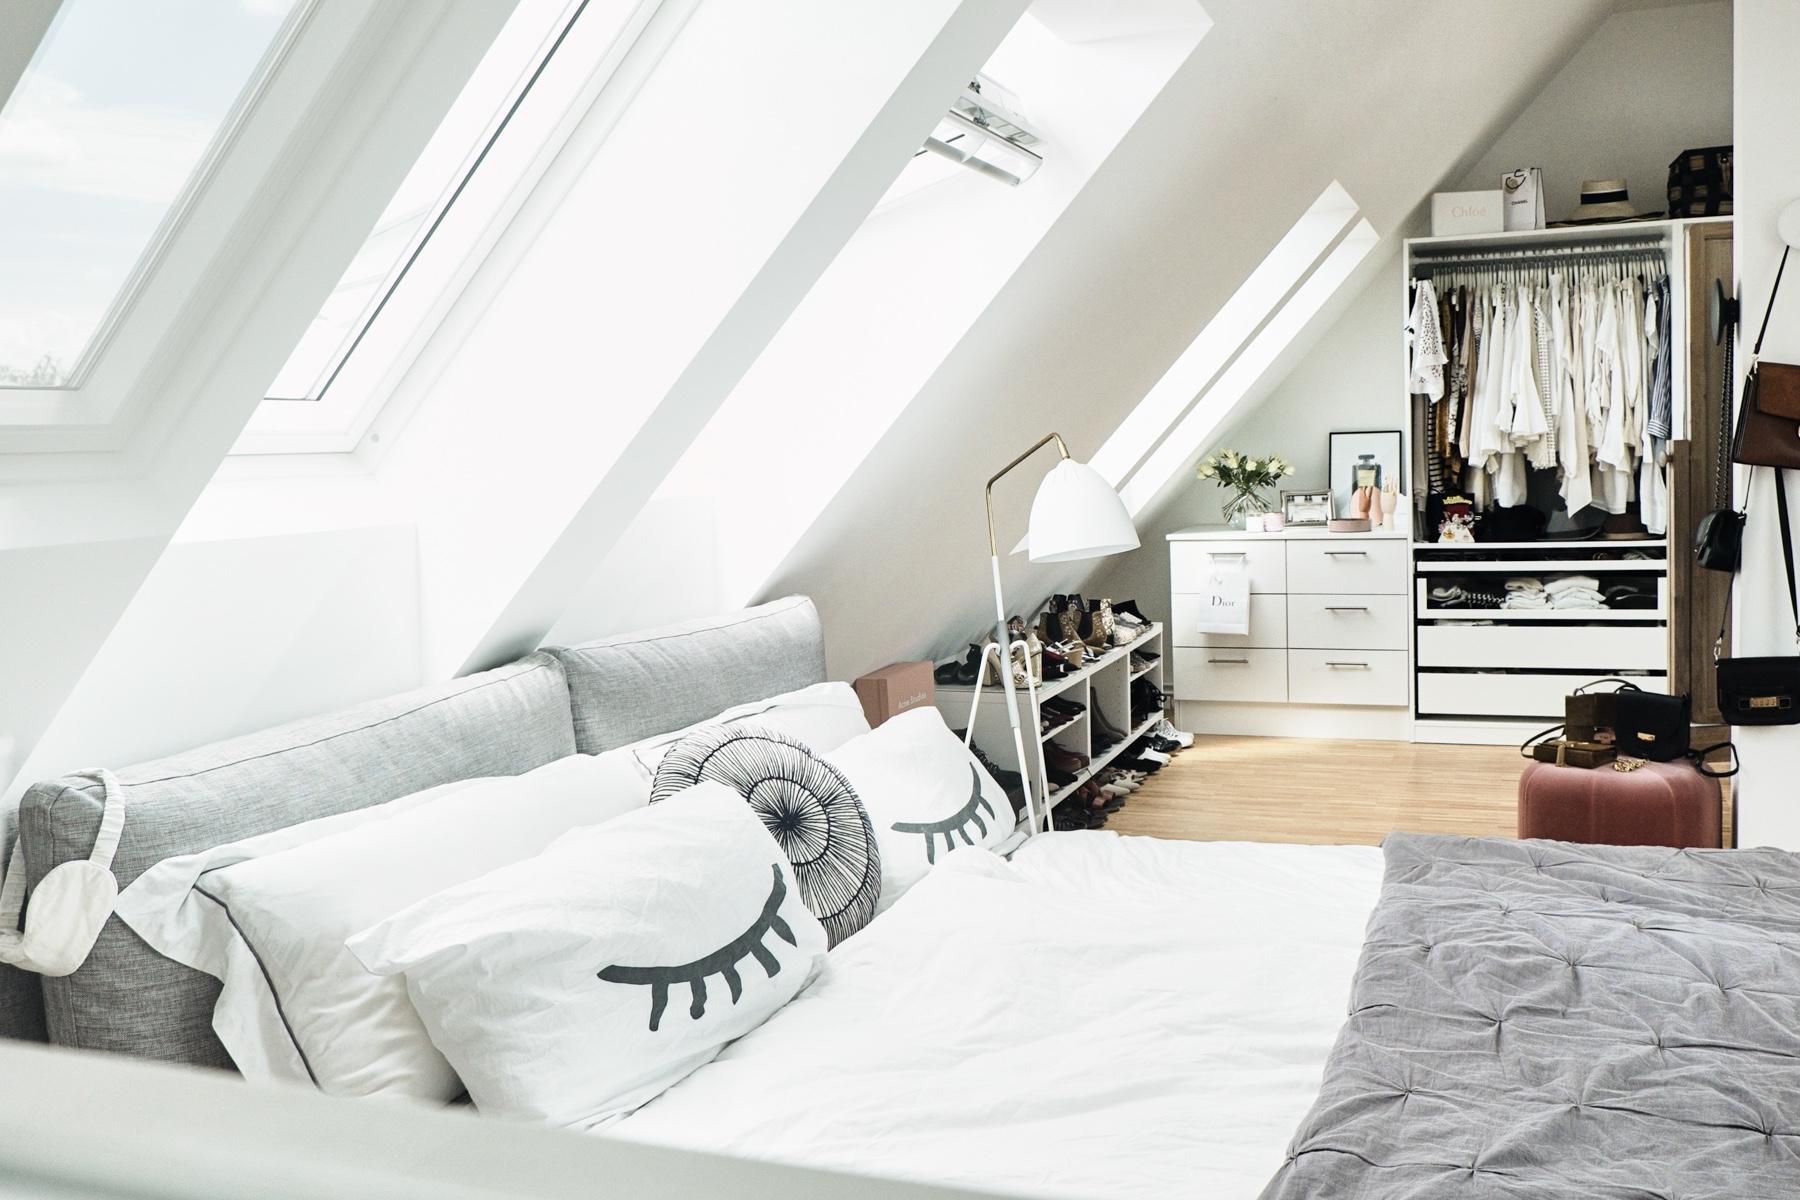 Full Size of Dachgeschosswohnung Einrichten Beispiele Pinterest Wohnzimmer Tipps Bilder Schlafzimmer Ideen Kleine Ikea Küche Badezimmer Wohnzimmer Dachgeschosswohnung Einrichten